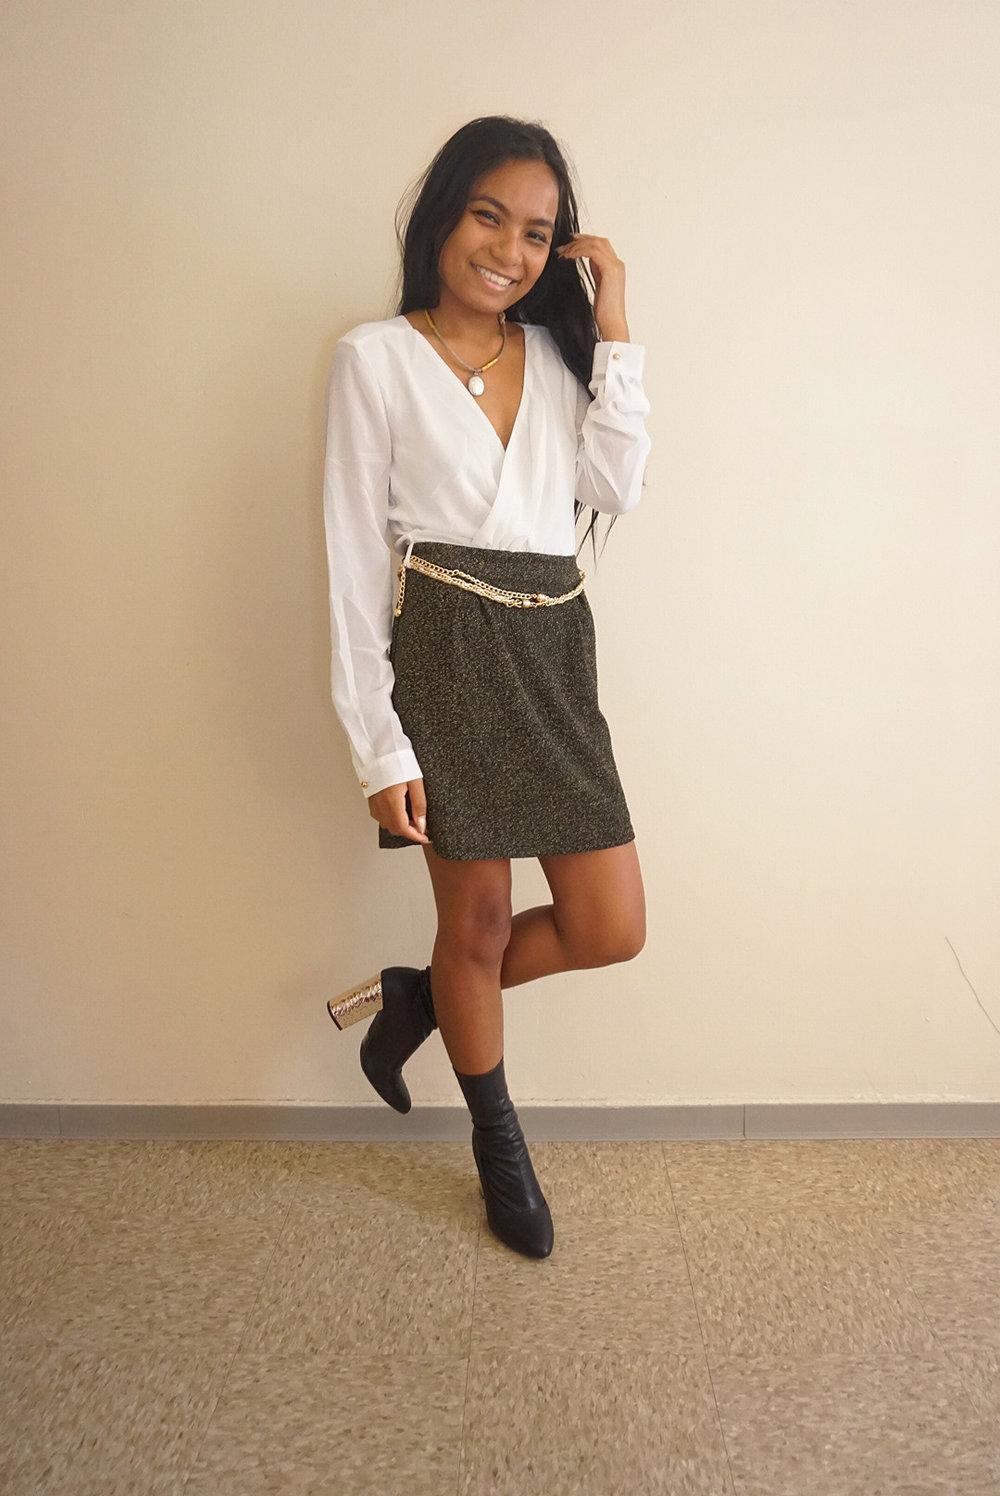 Two-Toned-Amiclubwear-Dress-Fall-Style-Blogger-LINDATENCHITRAN-7-1616x1080.jpg